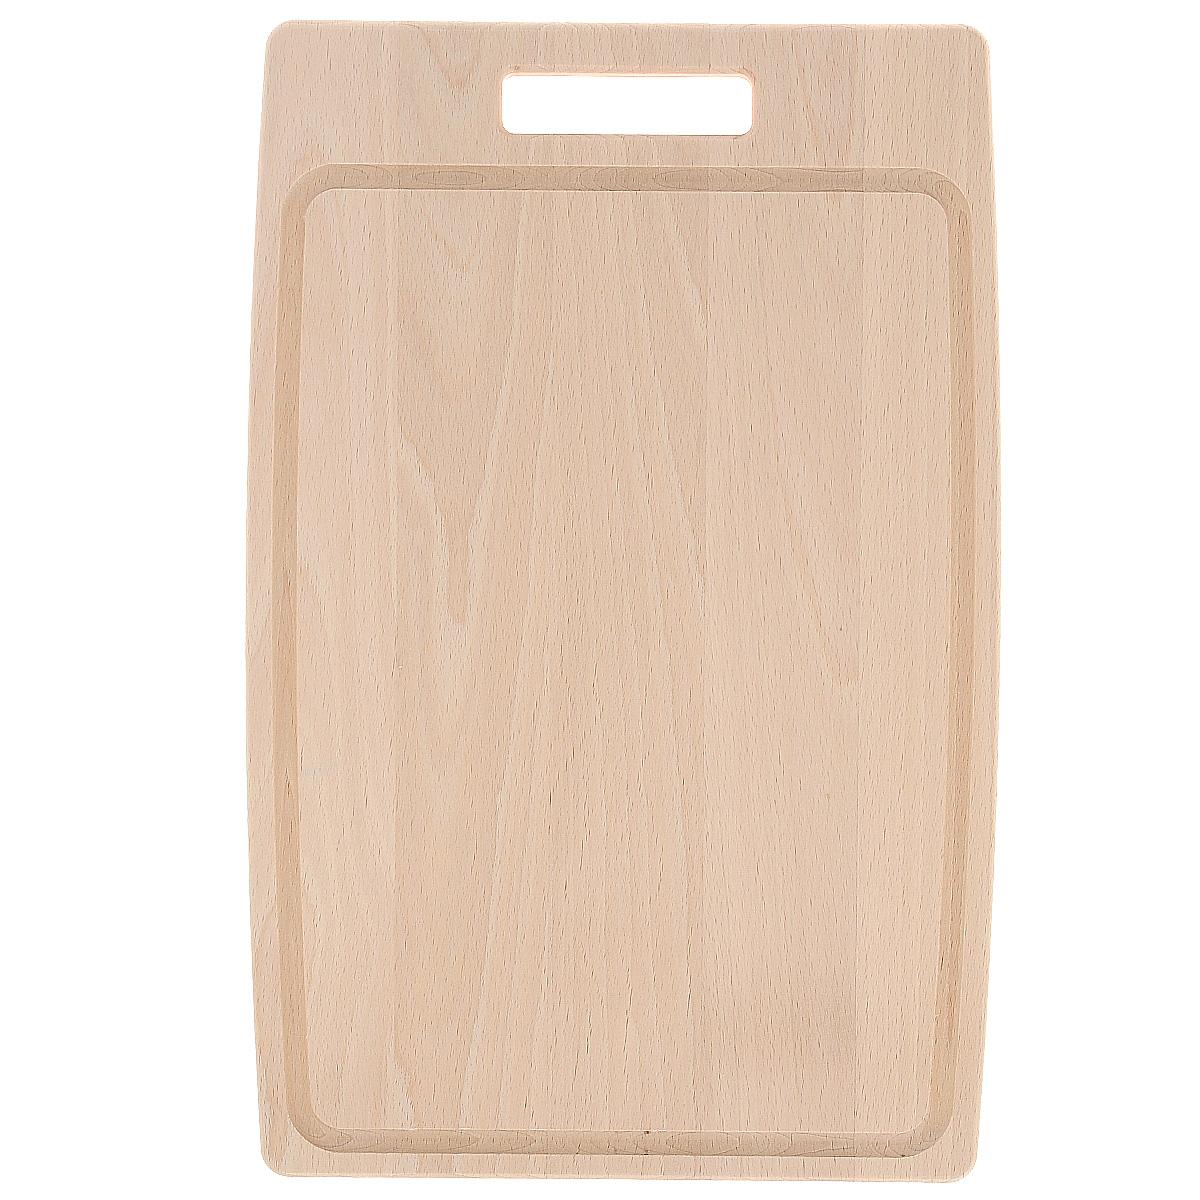 Доска разделочная Tescoma Home Profi, 26 х 16 см379510Прямоугольная разделочная доска Tescoma Home Profi изготовлена из высококачественной древесины бука. Бук - это особо прочный материал, который прослужит вам долгие годы. Доска оснащена удобной ручкой. Функциональная и простая в использовании, разделочная доска Tescoma Home Profi прекрасно впишется в интерьер любой кухни. Не мыть в посудомоечной машине.